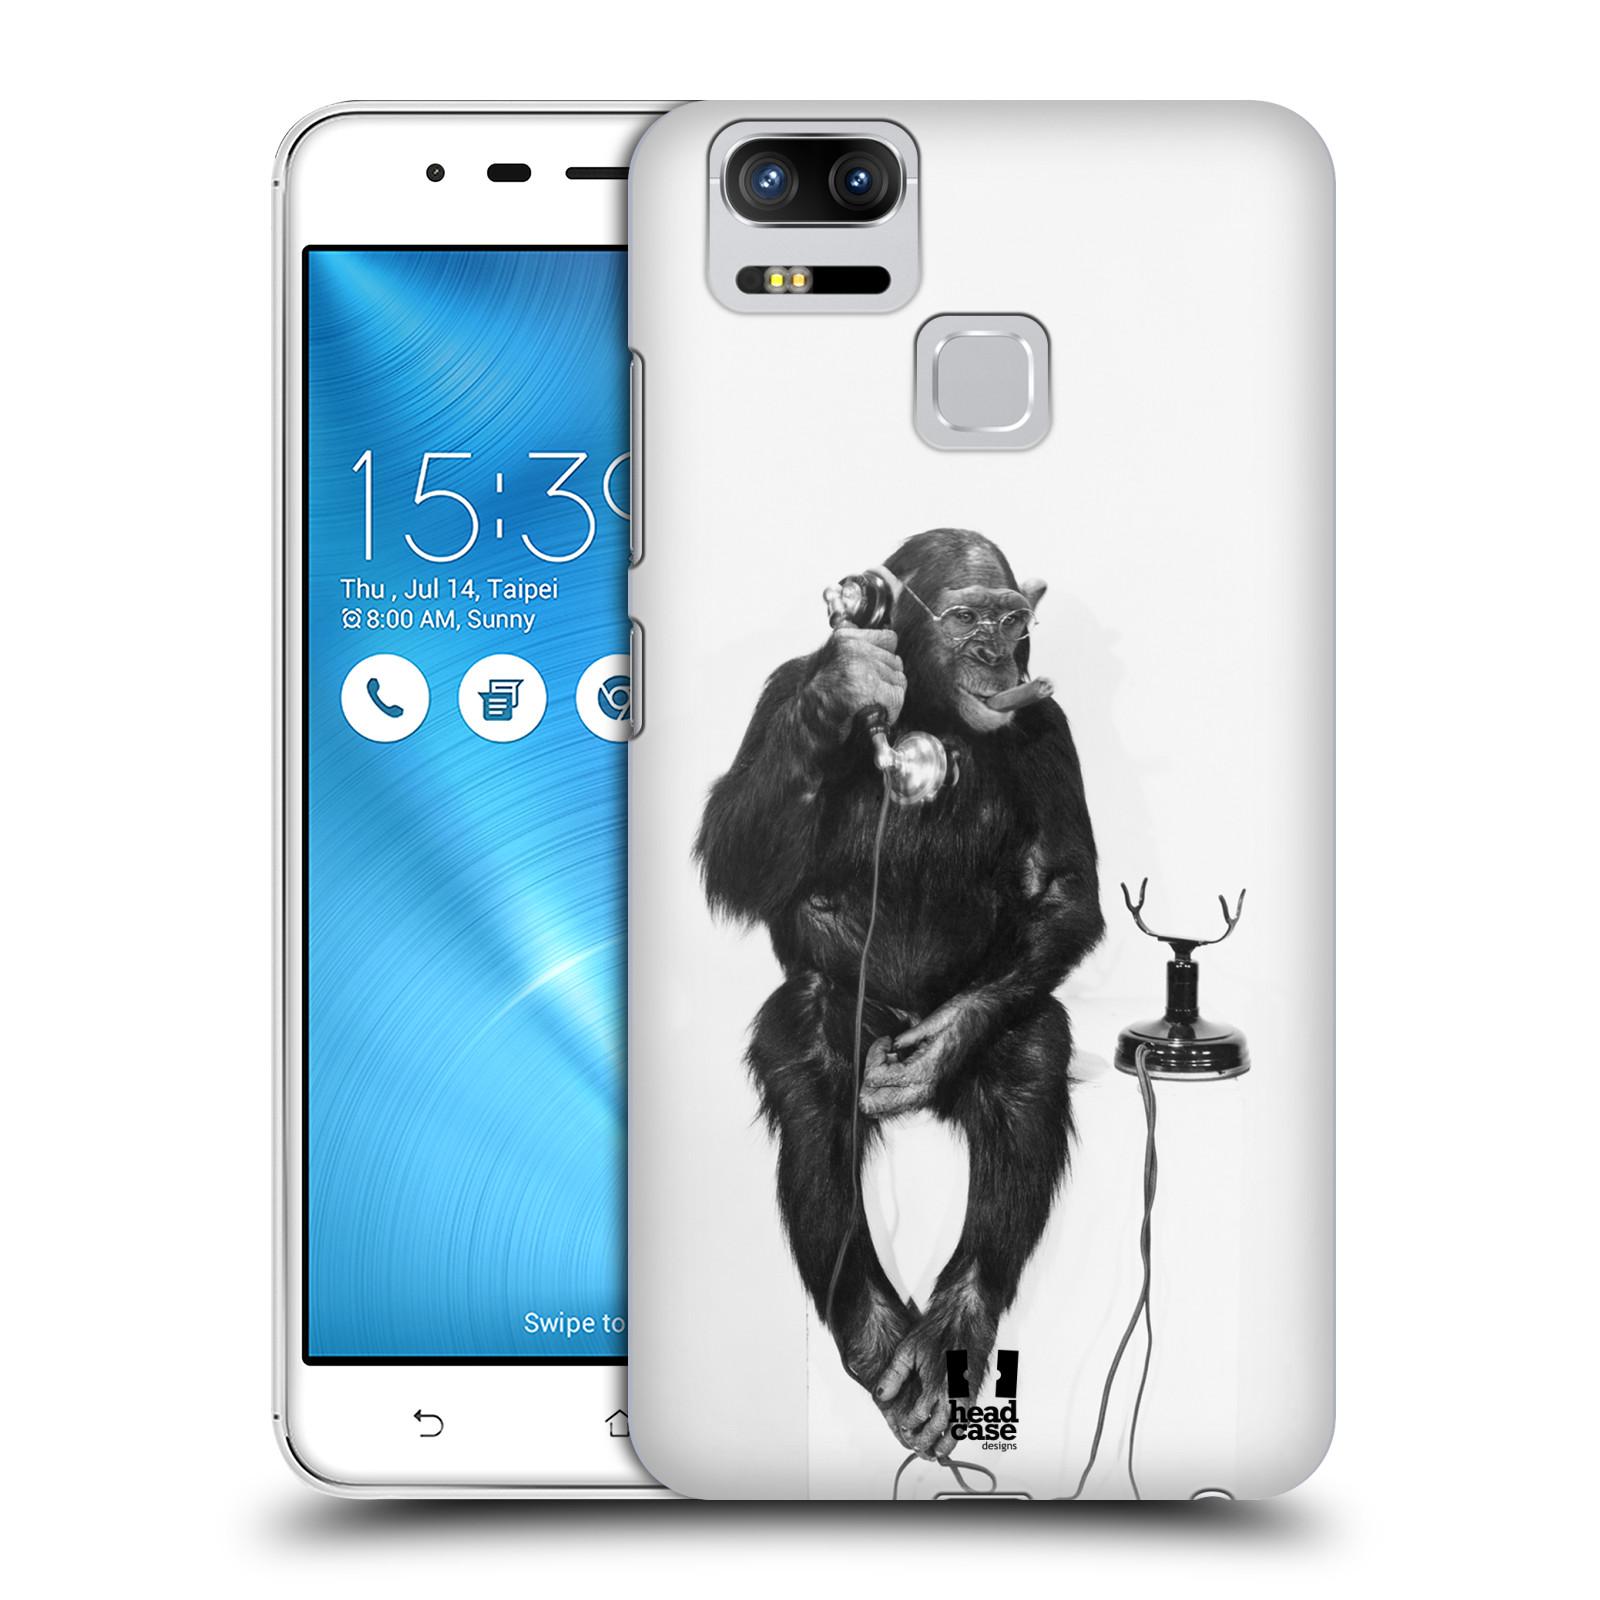 Plastové pouzdro na mobil Asus ZenFone 3 ZOOM ZE553KL - Head Case - OPIČÁK S TELEFONEM (Plastový kryt či obal na mobilní telefon Asus ZenFone 3 ZOOM ZE553KL s motivem OPIČÁK S TELEFONEM)